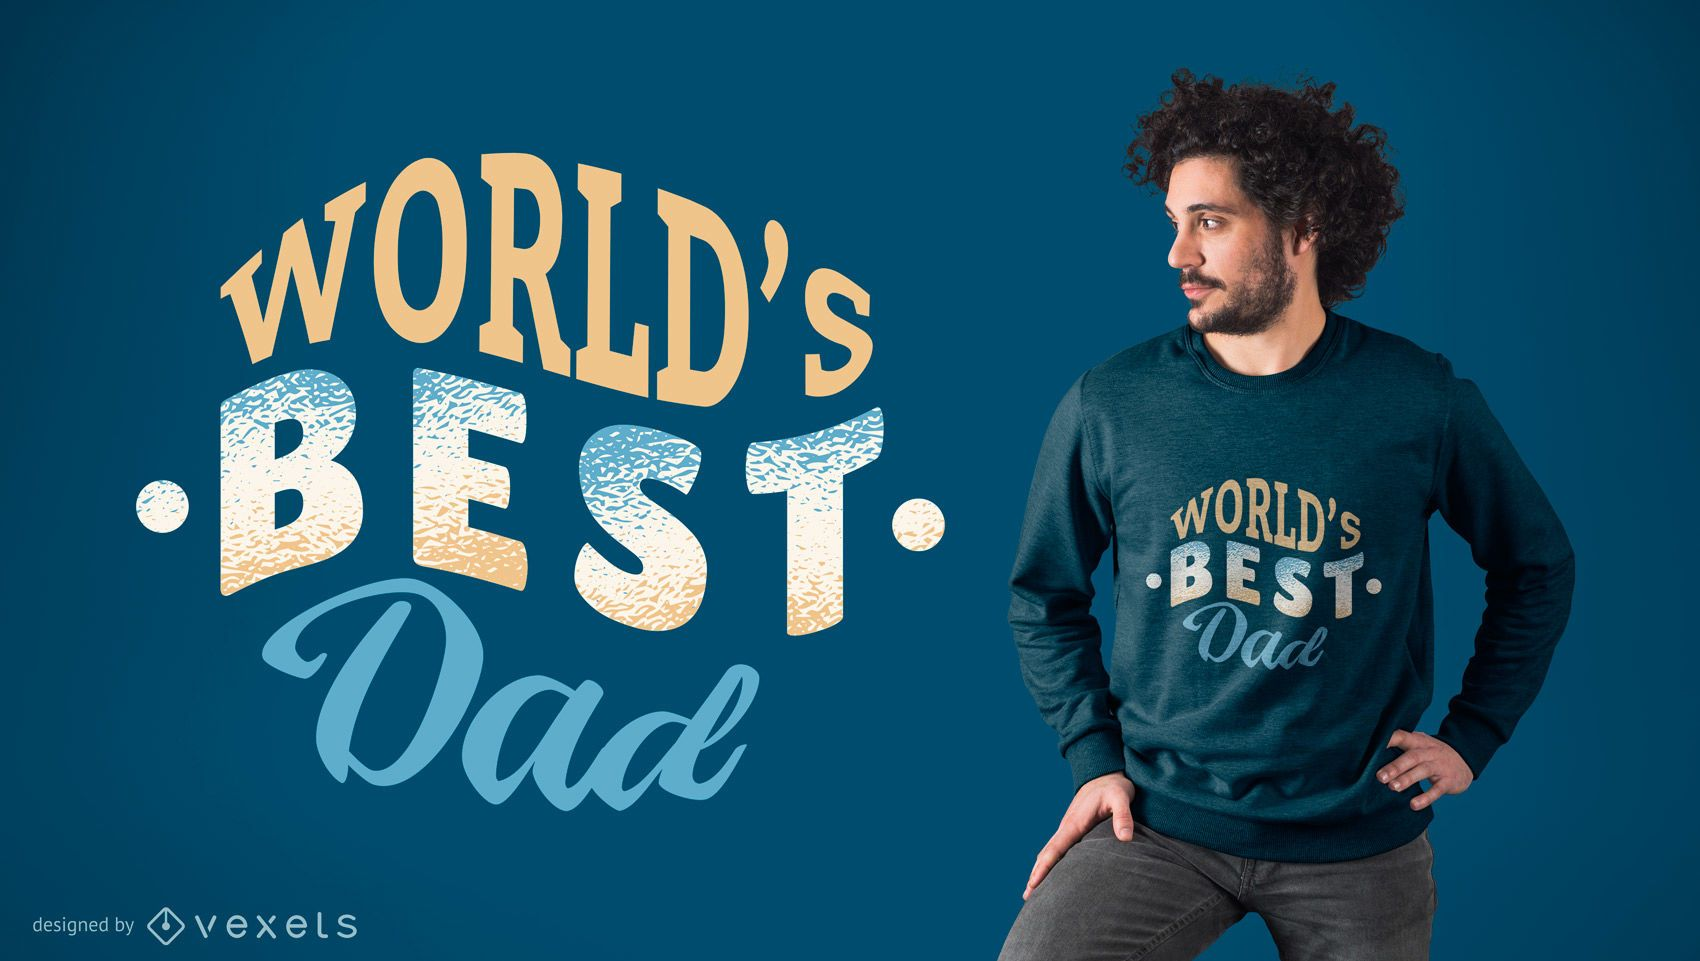 World's Best Dad T-shirt Design